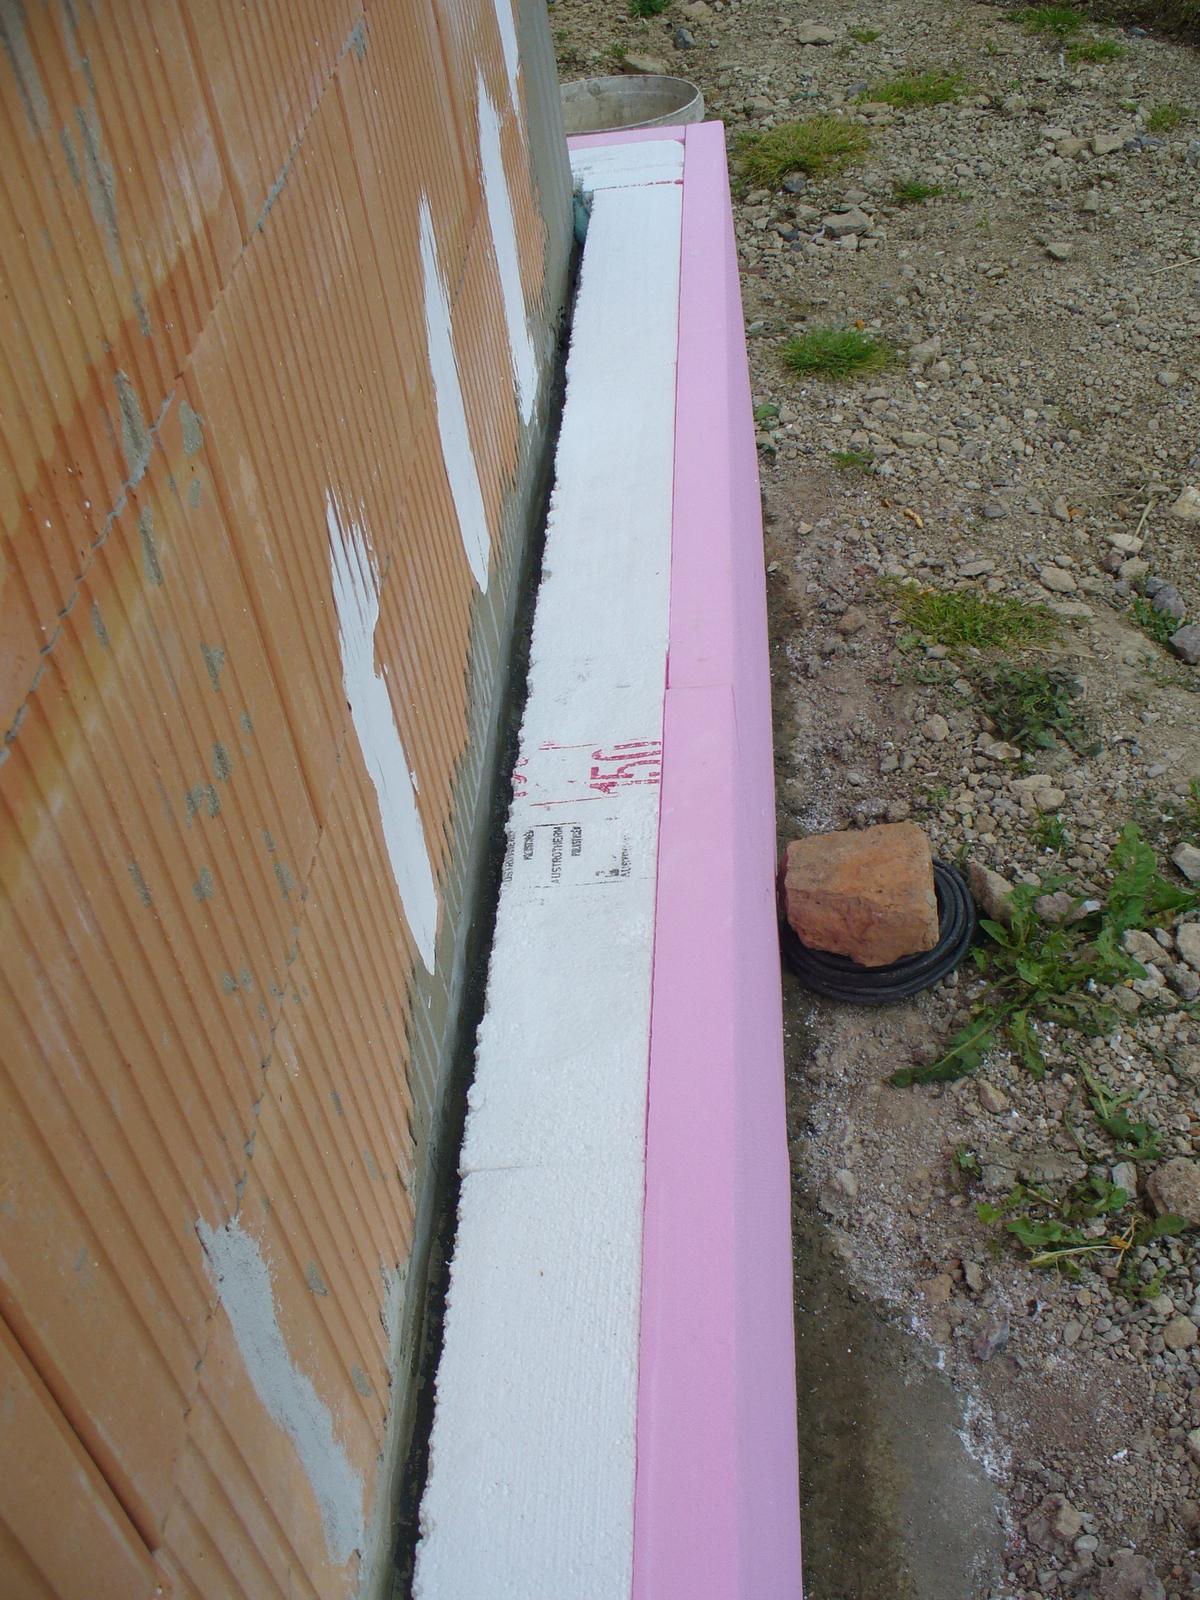 Náš domček na kopci :-D - sokel zateplený. 15 cm podlahového eps + 5cm xps.